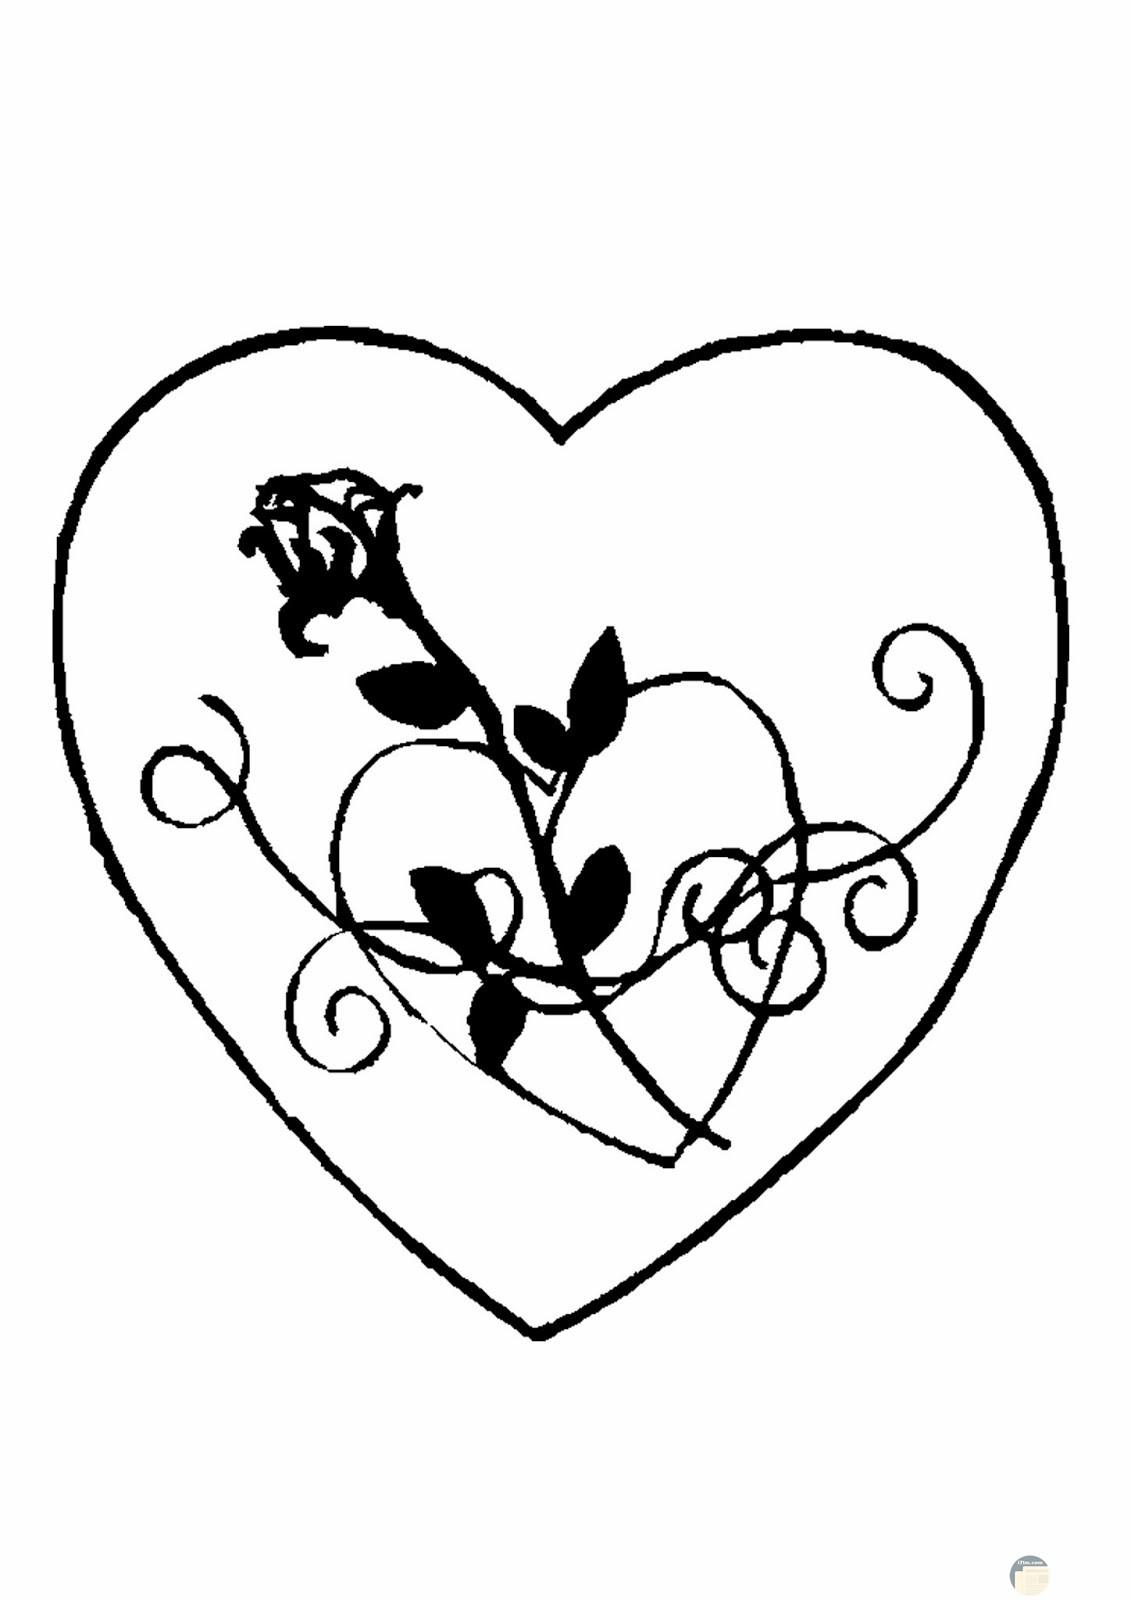 قلب جميل بداخله زهرة